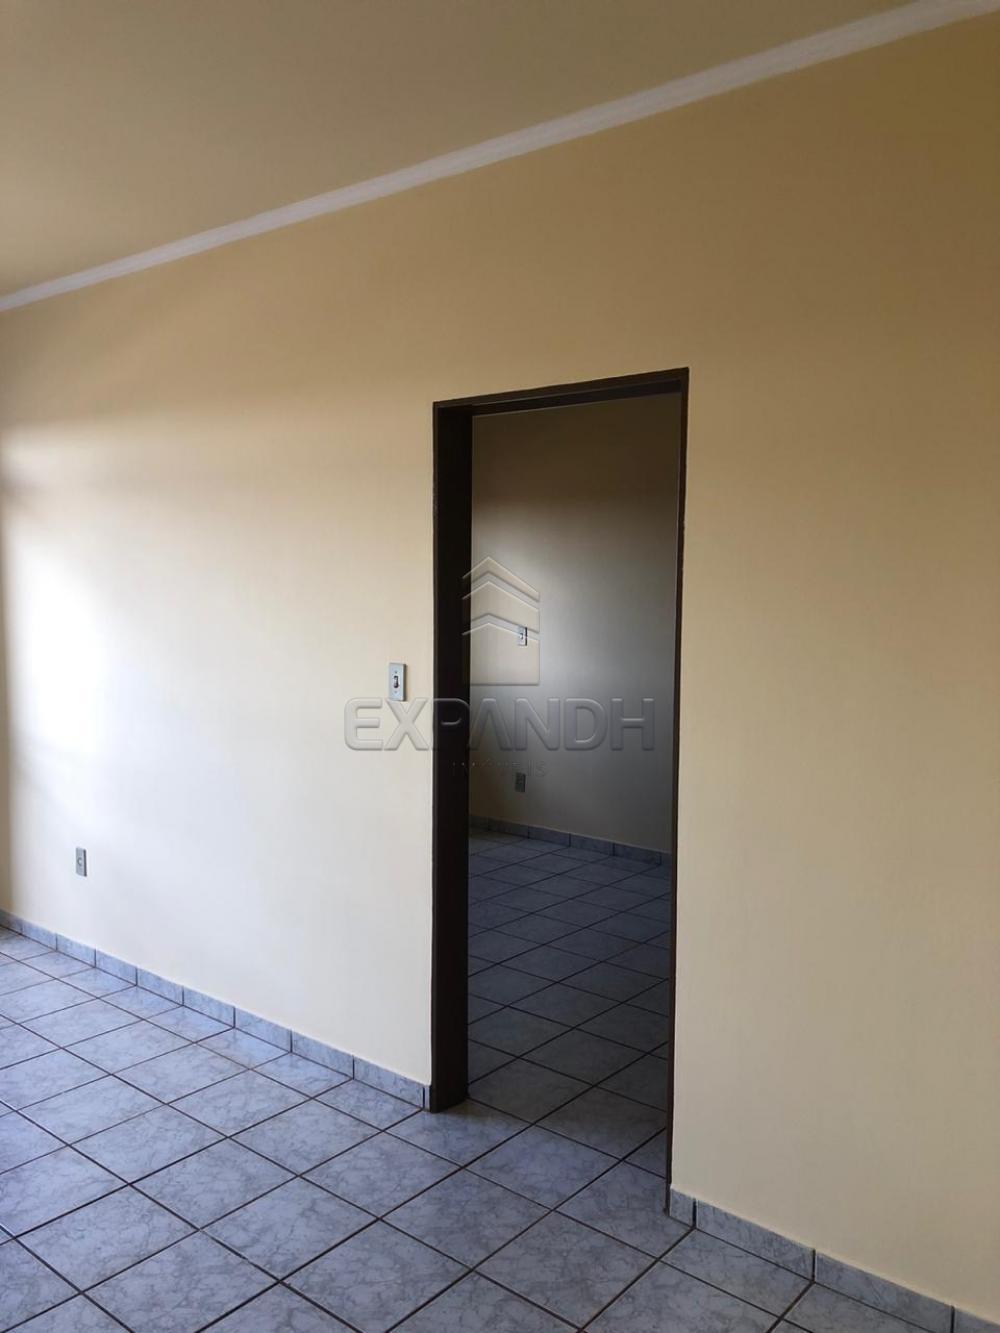 Alugar Apartamentos / Padrão em Sertãozinho apenas R$ 650,00 - Foto 9